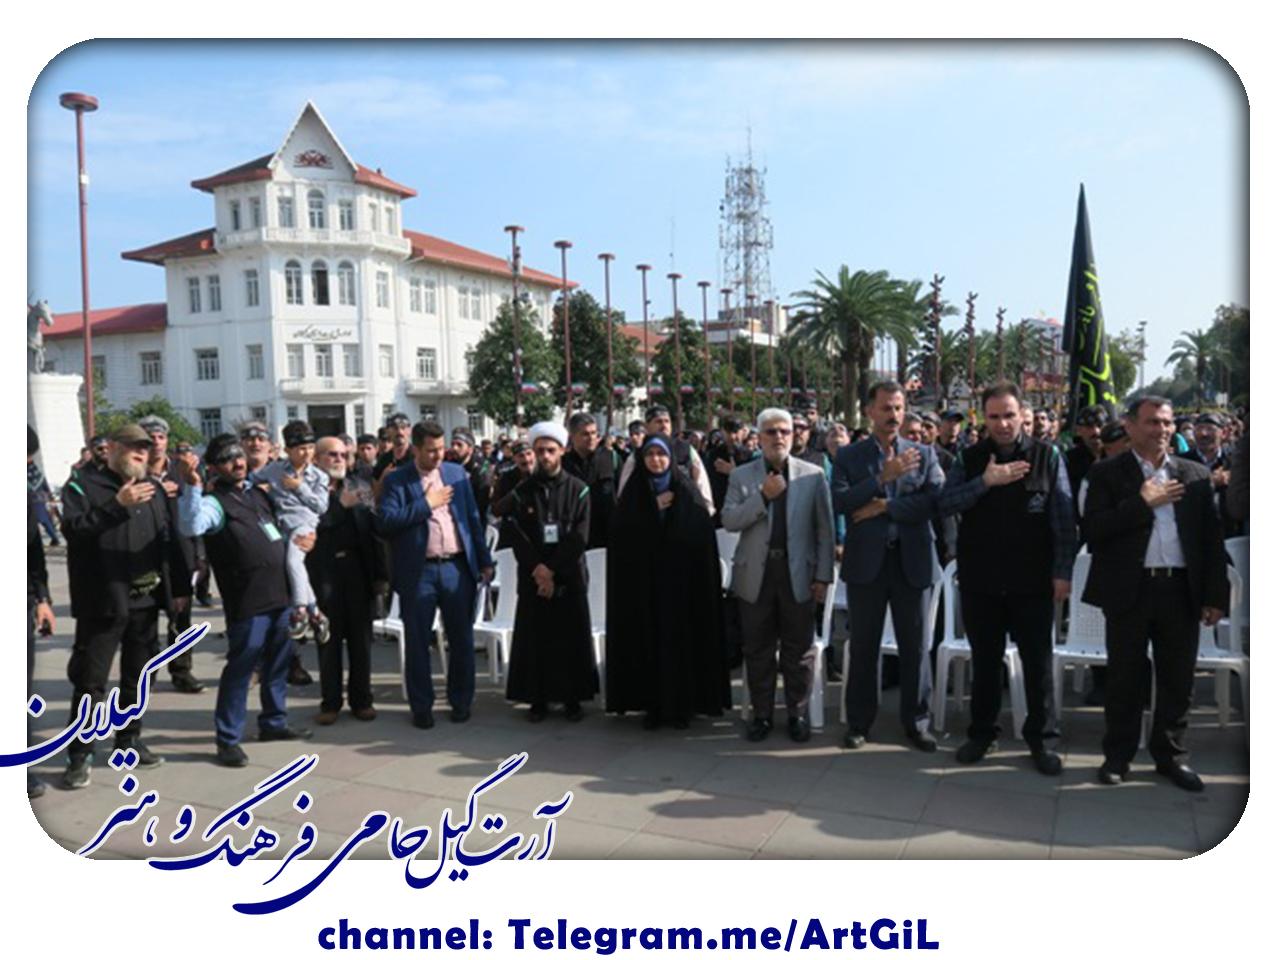 گزارش تصویری مراسم بدرقه خادمین زائرین ابا عبدالله الحسین (ع) در ایام اربعین حسینی در کربلای معلی (کاروان خدام العتره)